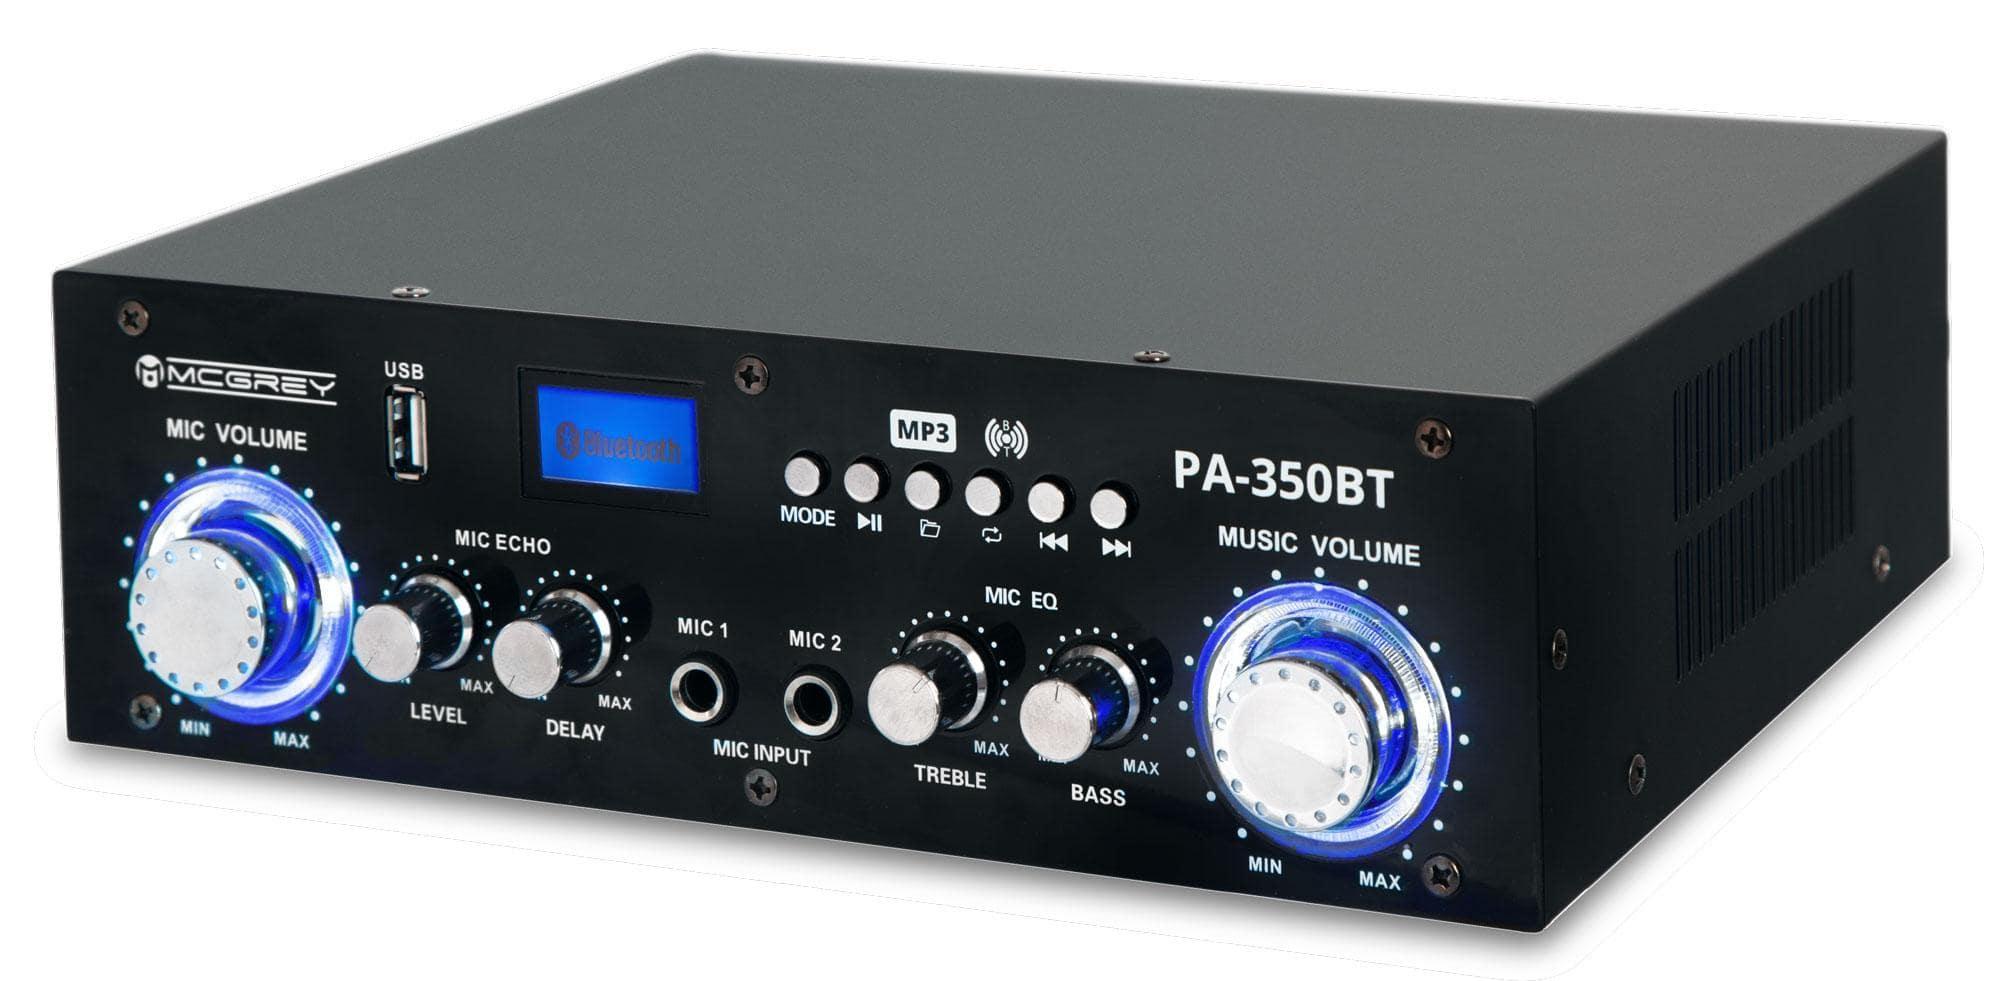 Paendstufen - McGrey PA 350BT Bluetooth Endstufe mit USB|MP3 Player Retoure (Zustand sehr gut) - Onlineshop Musikhaus Kirstein